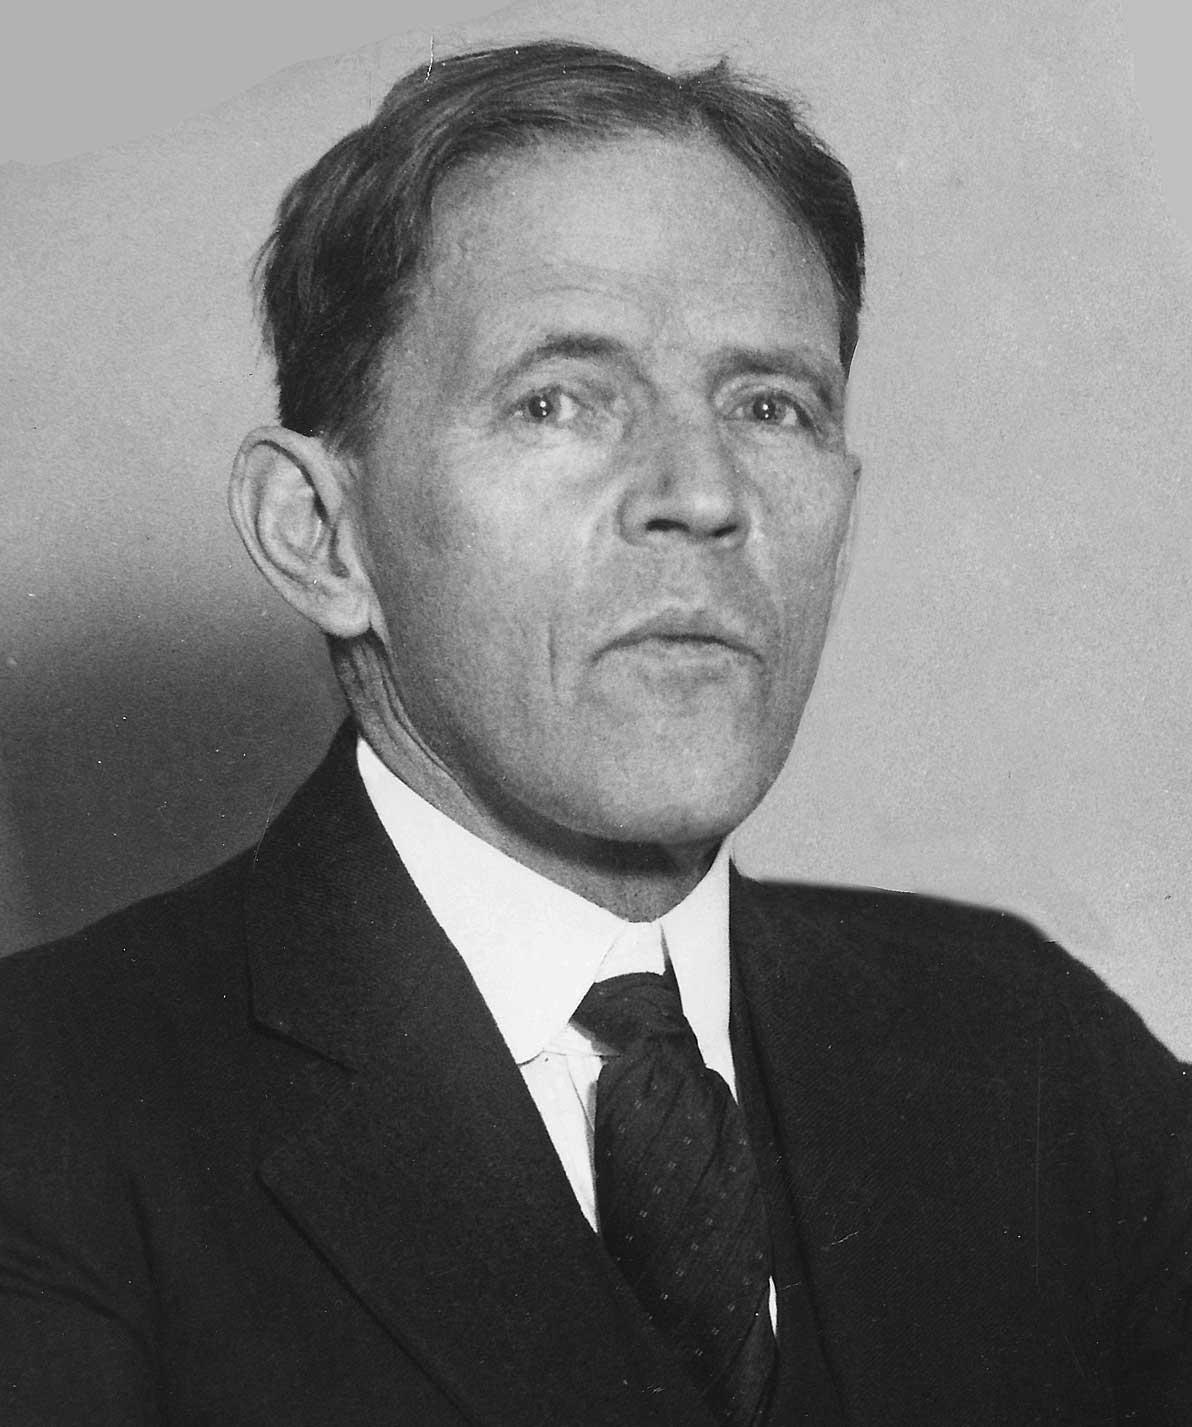 Oftalmologo William Horatio Bates